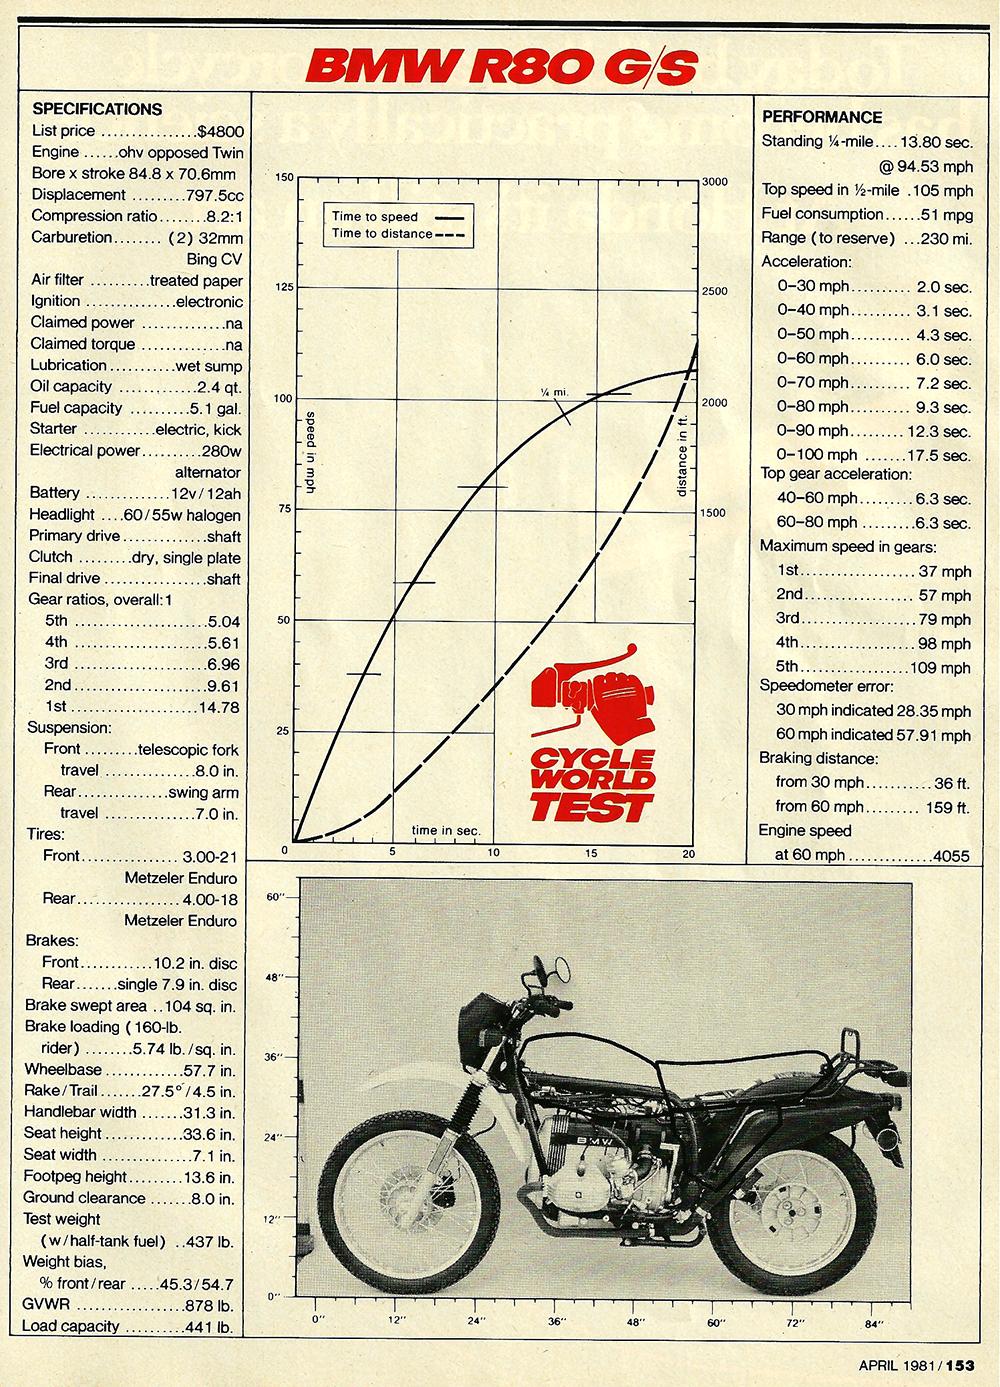 1981 BMW R80 GS road test 7.jpg